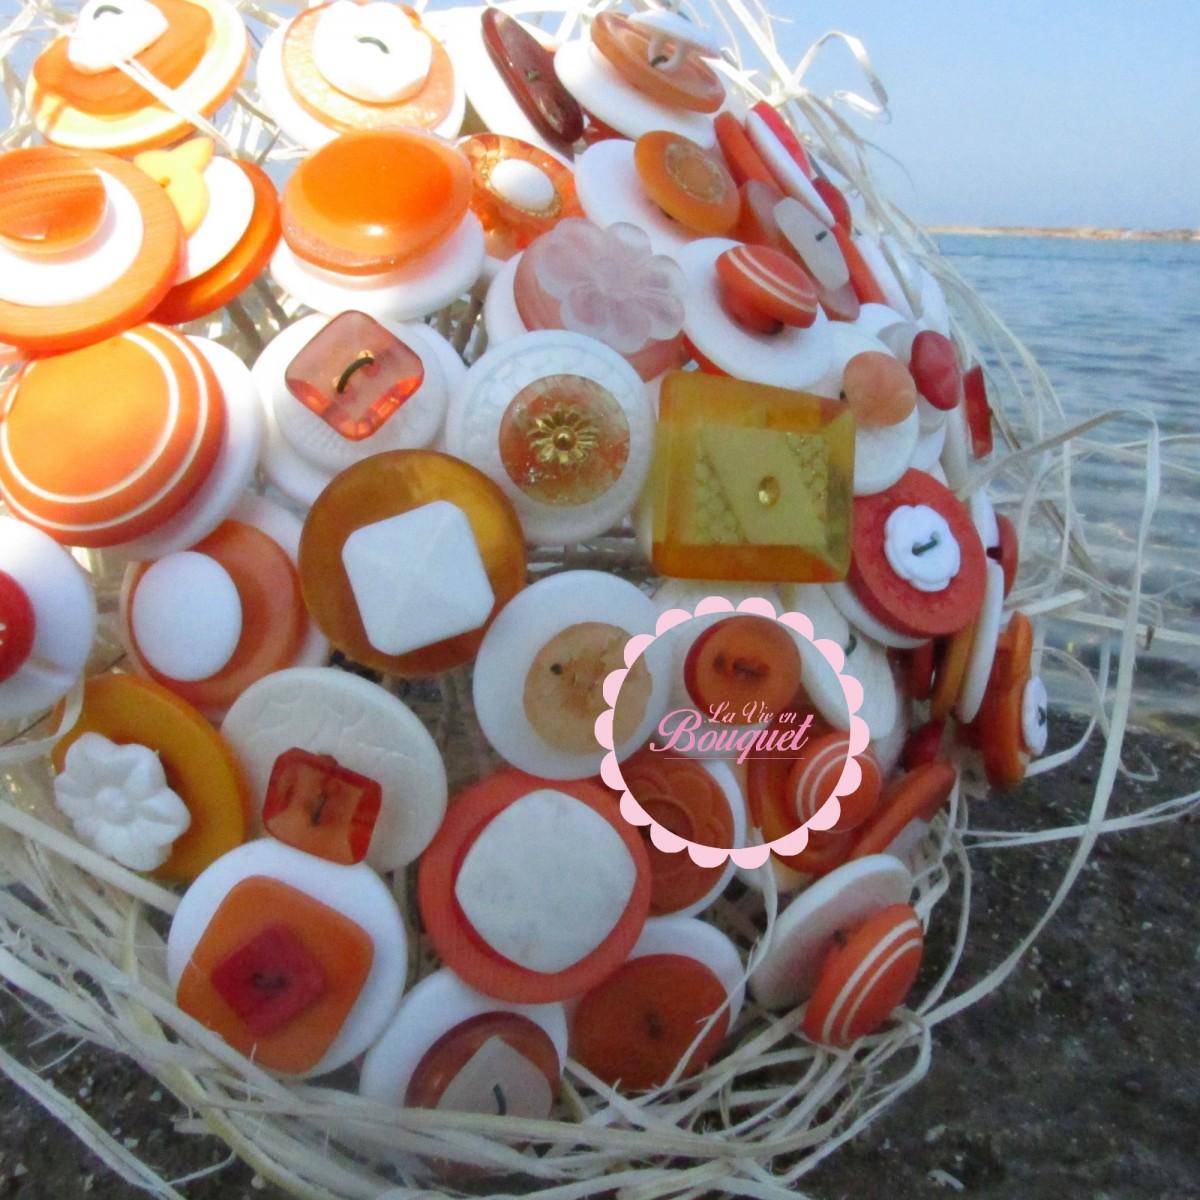 bouquet de boutons LA VIE EN BOUQUET